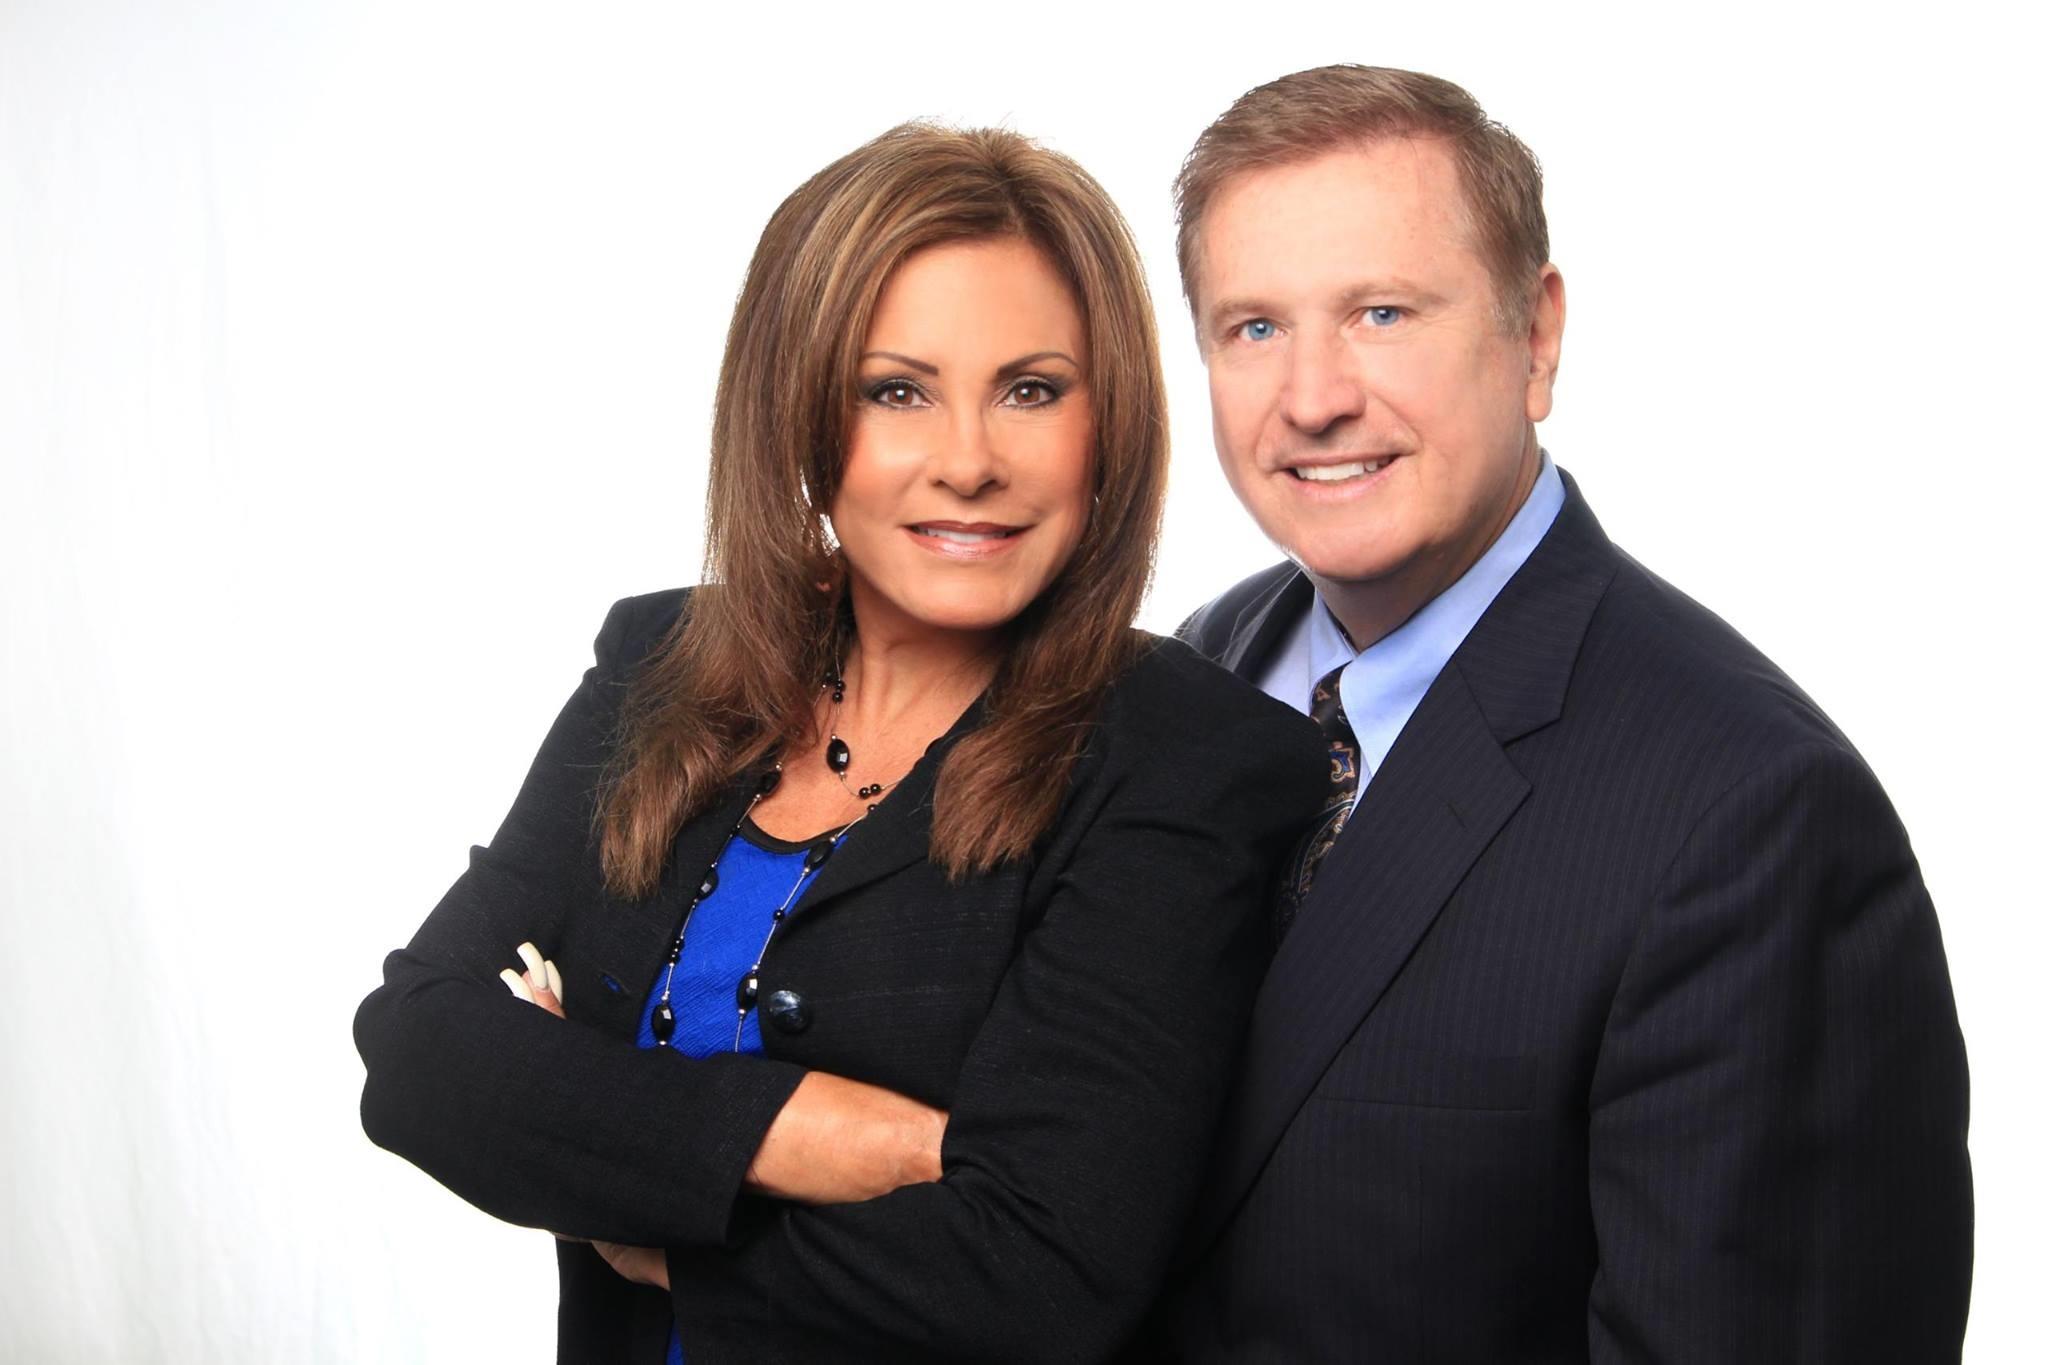 David and Lori Ann Grim